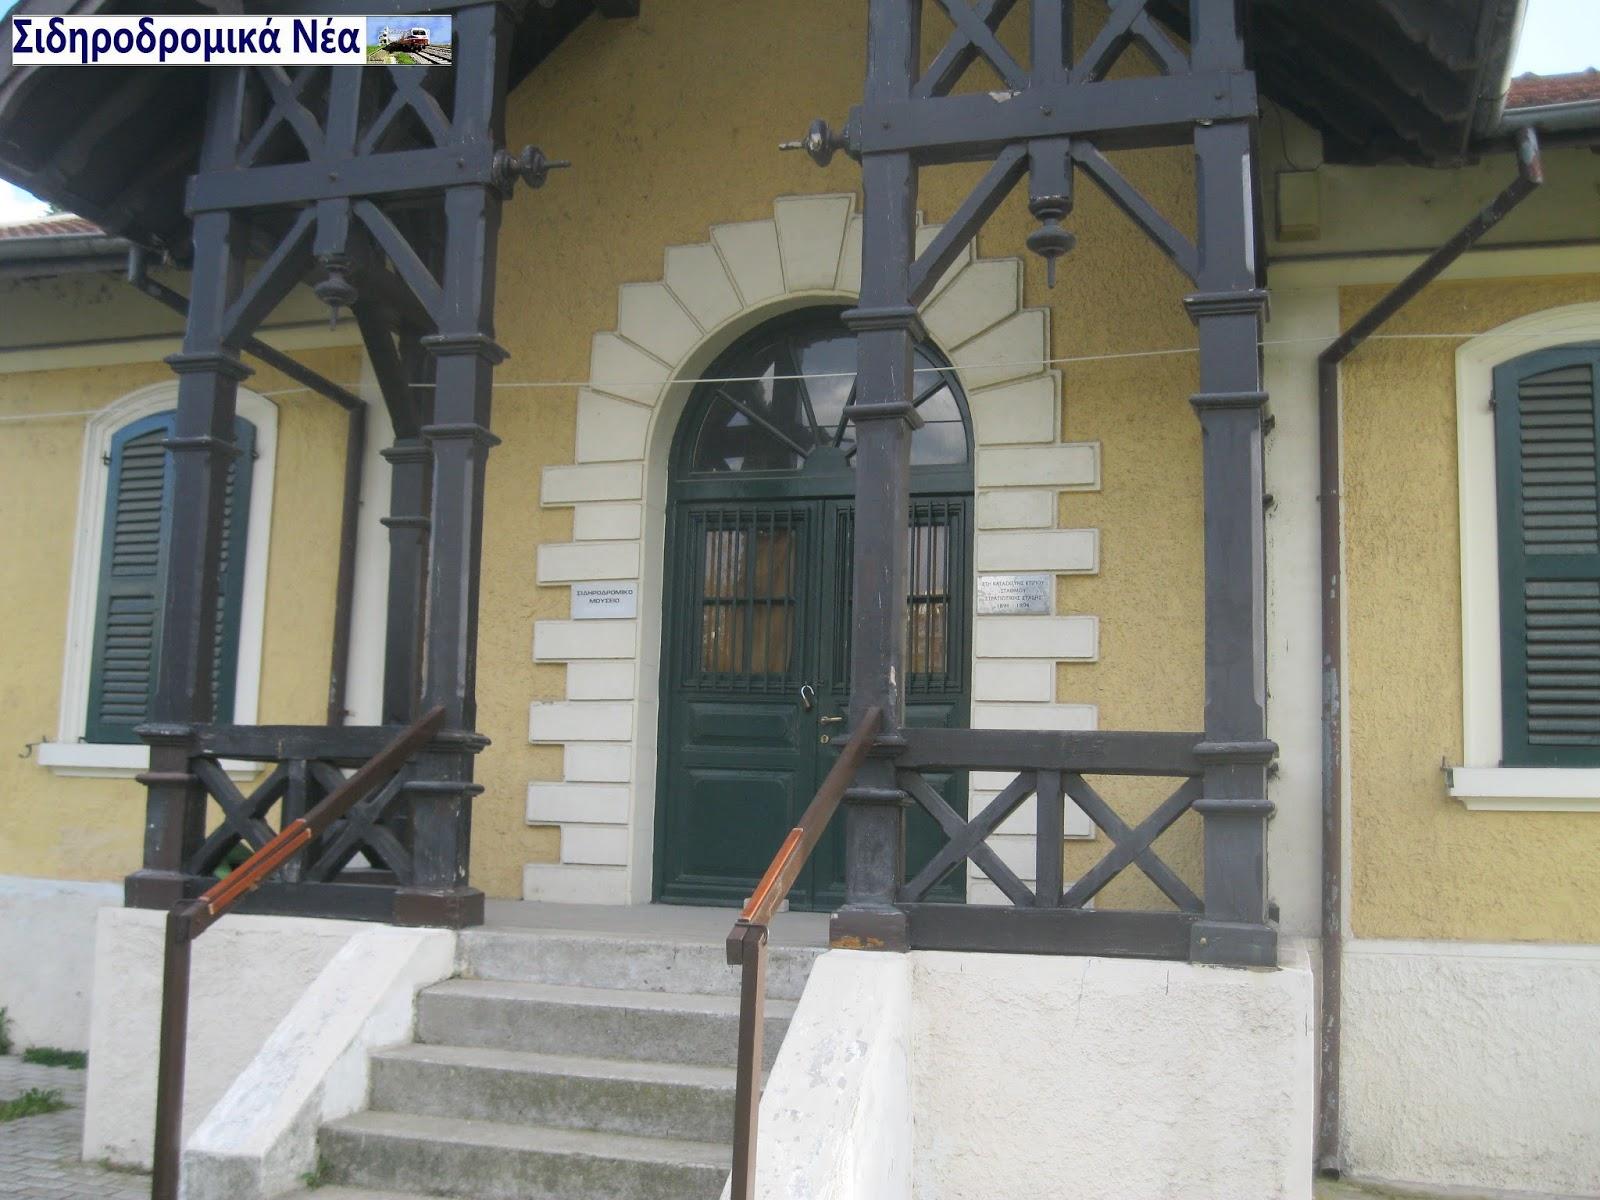 Σιδηροδρομικό Μουσείο Θεσσαλονίκης: Ένα εκπληκτικό θεματικό Μουσείο που παρουσιάζει την ιστορία των τρένων στην Ελλάδα. Εικόνες. - Φωτογραφία 1